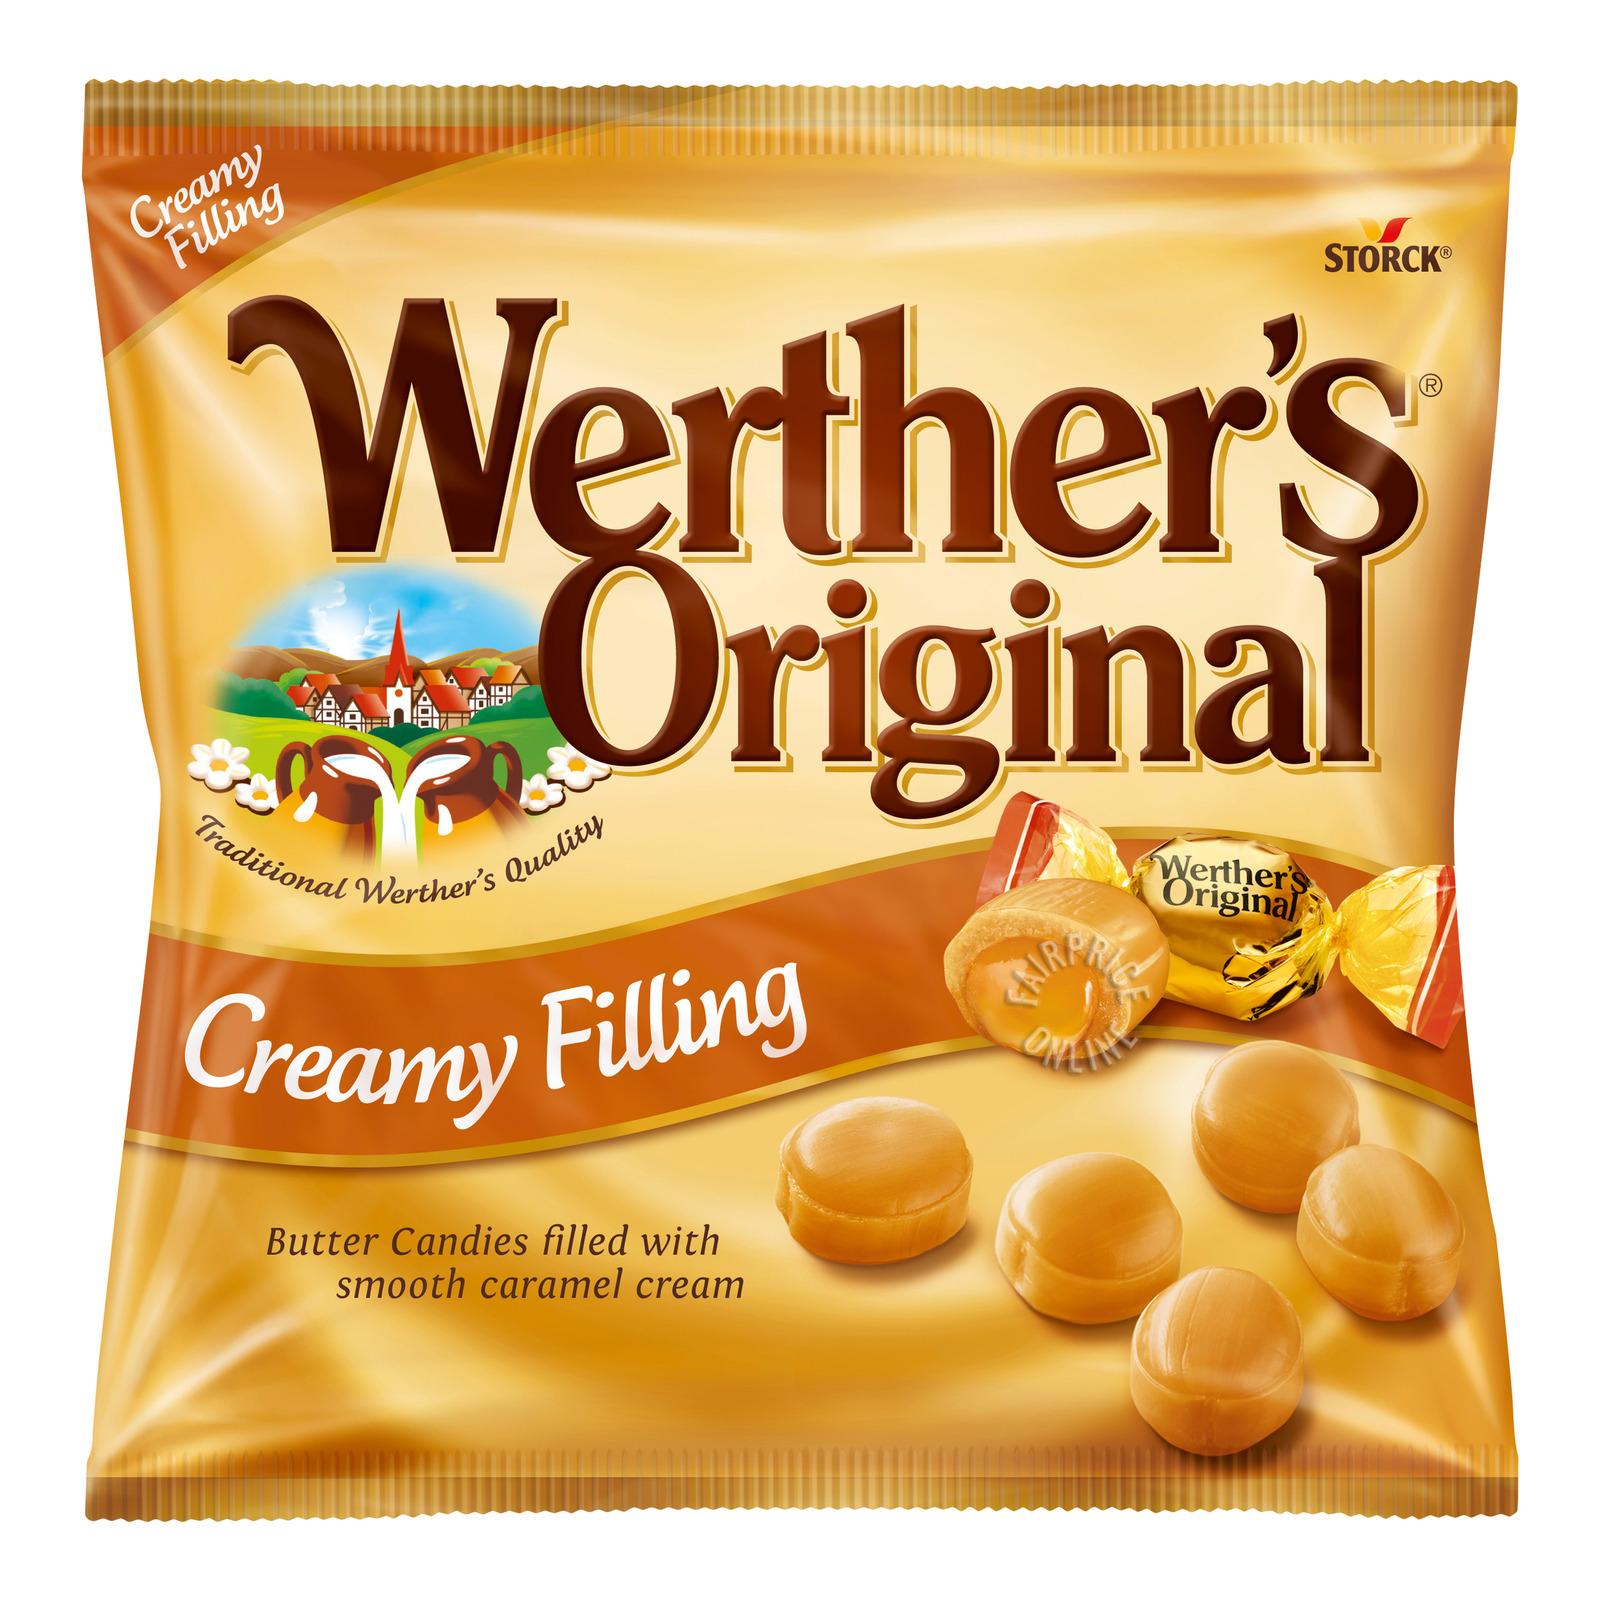 Storck Werther's Original Cream Candies - Caramel